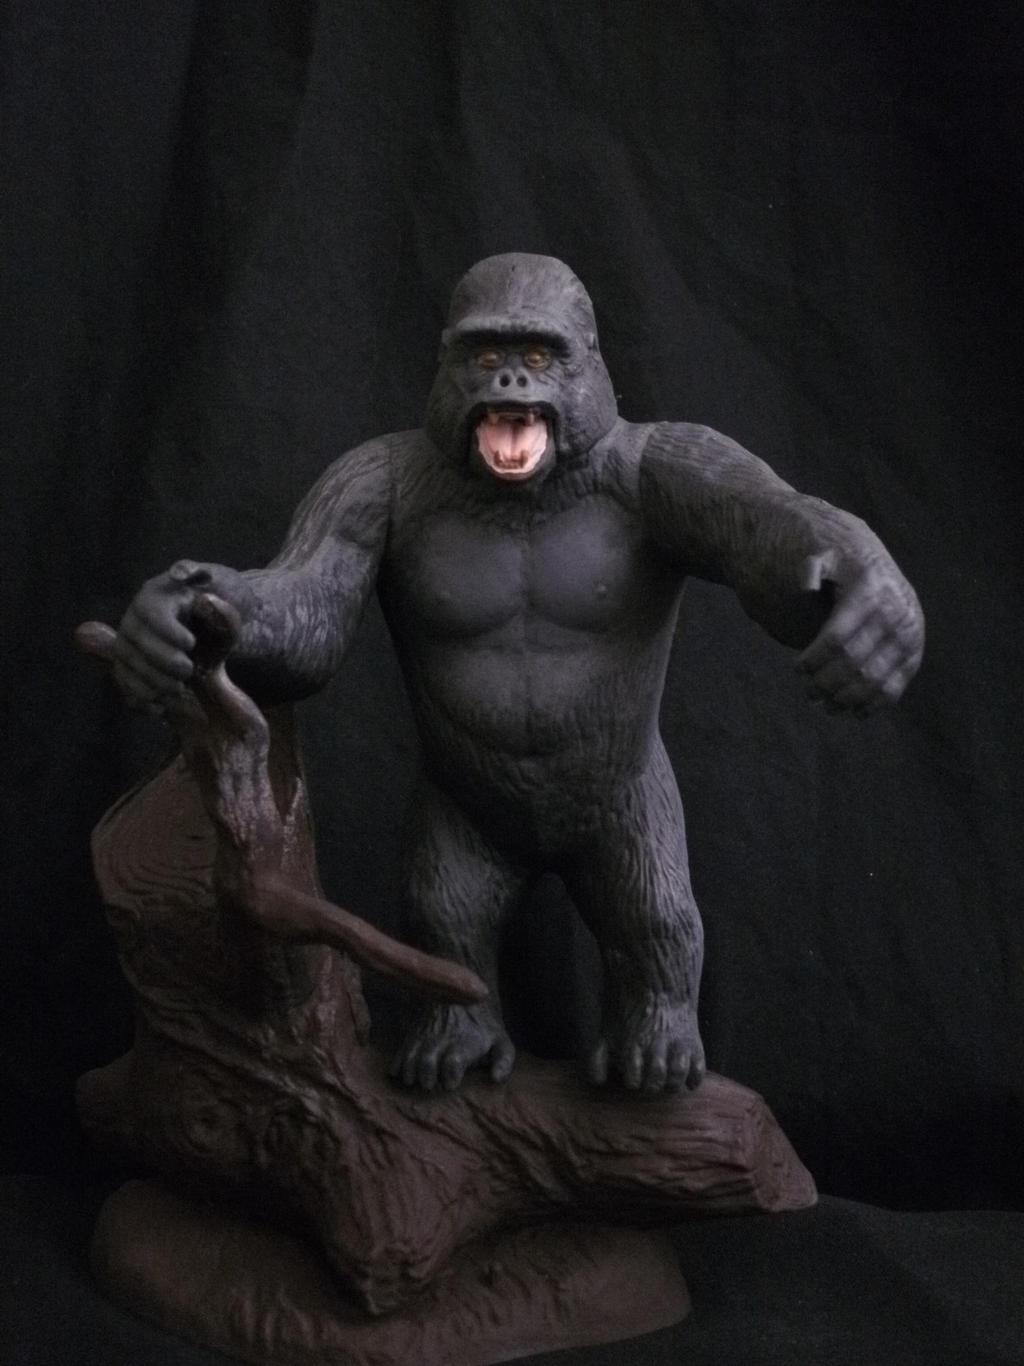 enDANGERed Mountain Gorilla_ala Revell